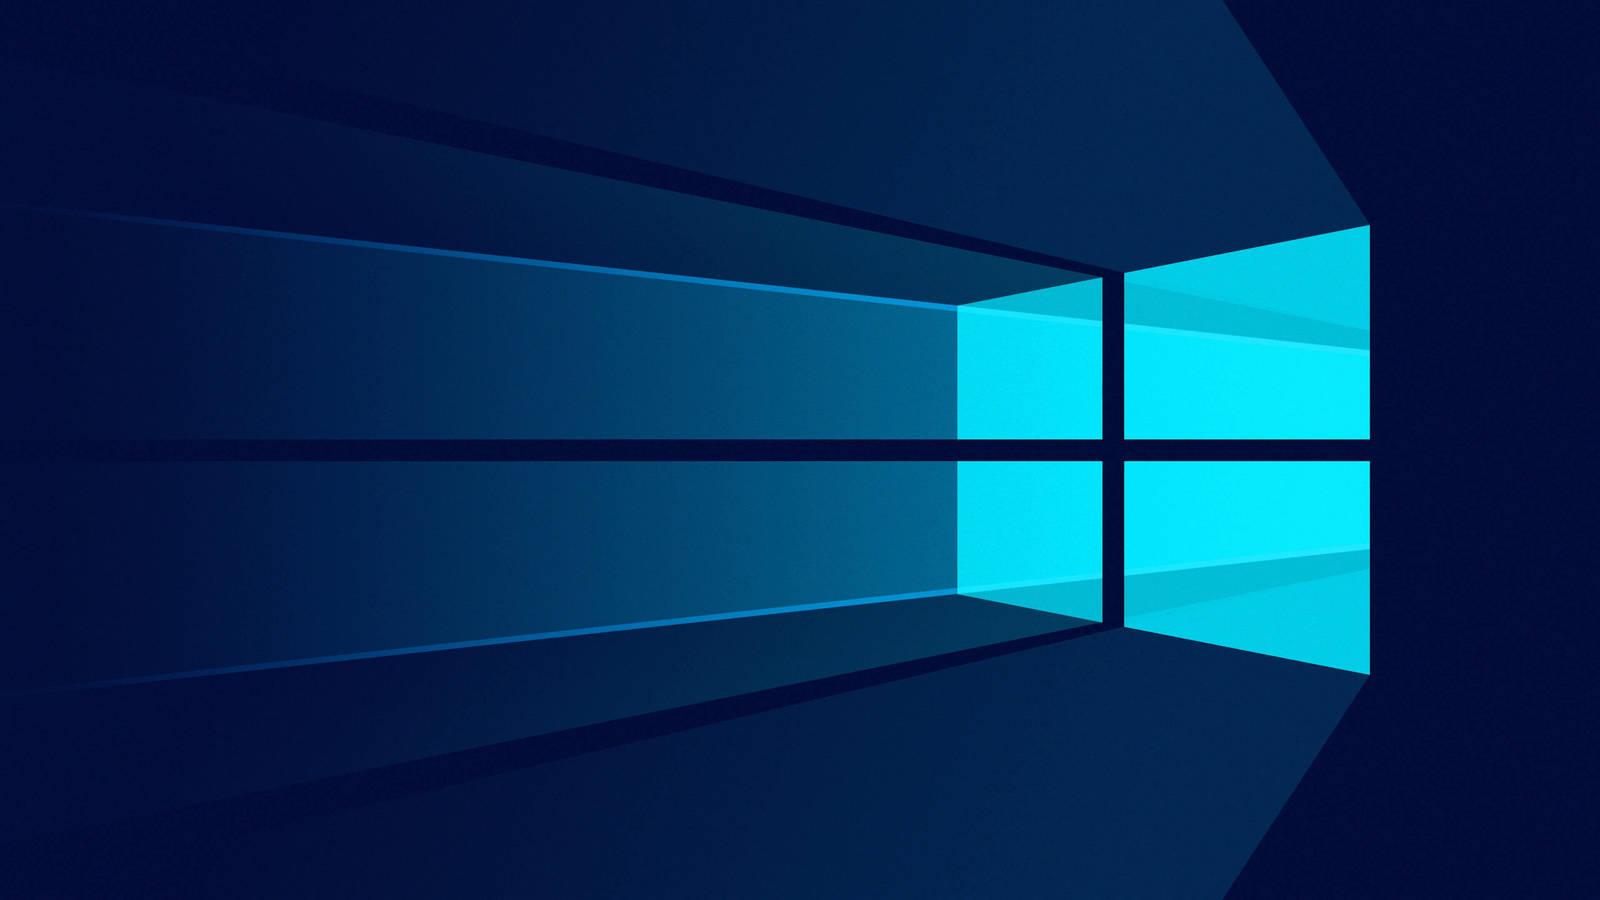 Как повысить производительность компьютера на Windows 10